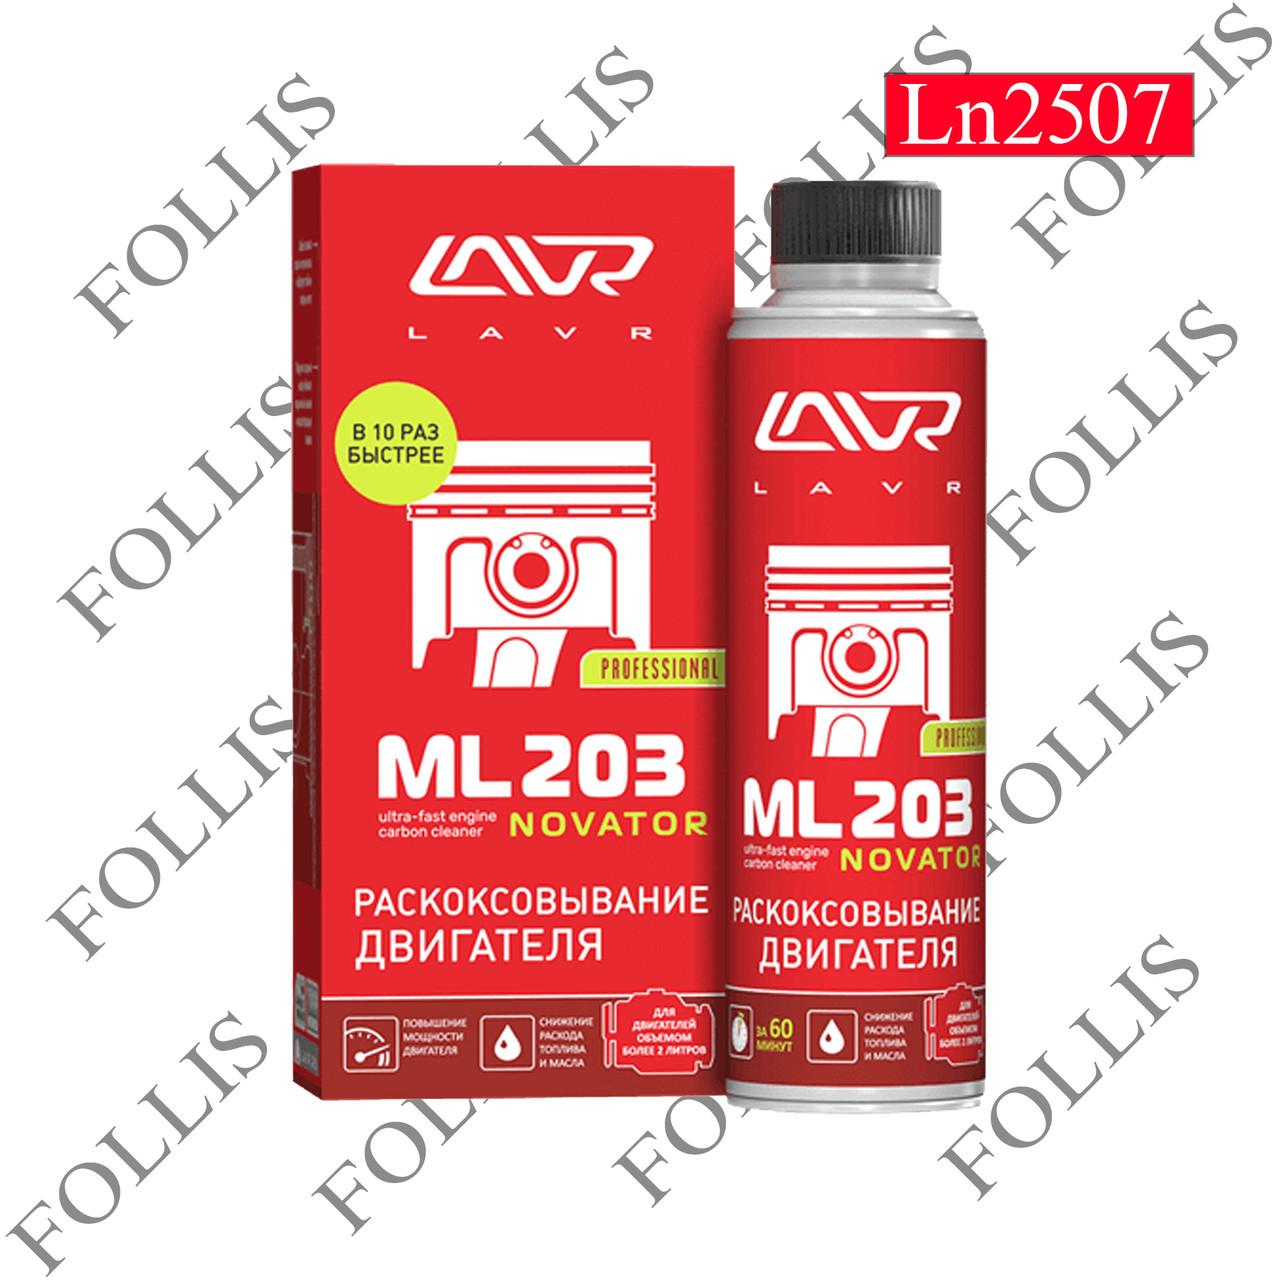 Раскоксовывание двигателя ML203 NOVATOR (для двигателей более 2-х литров) LAVR Ultra-fast engine car